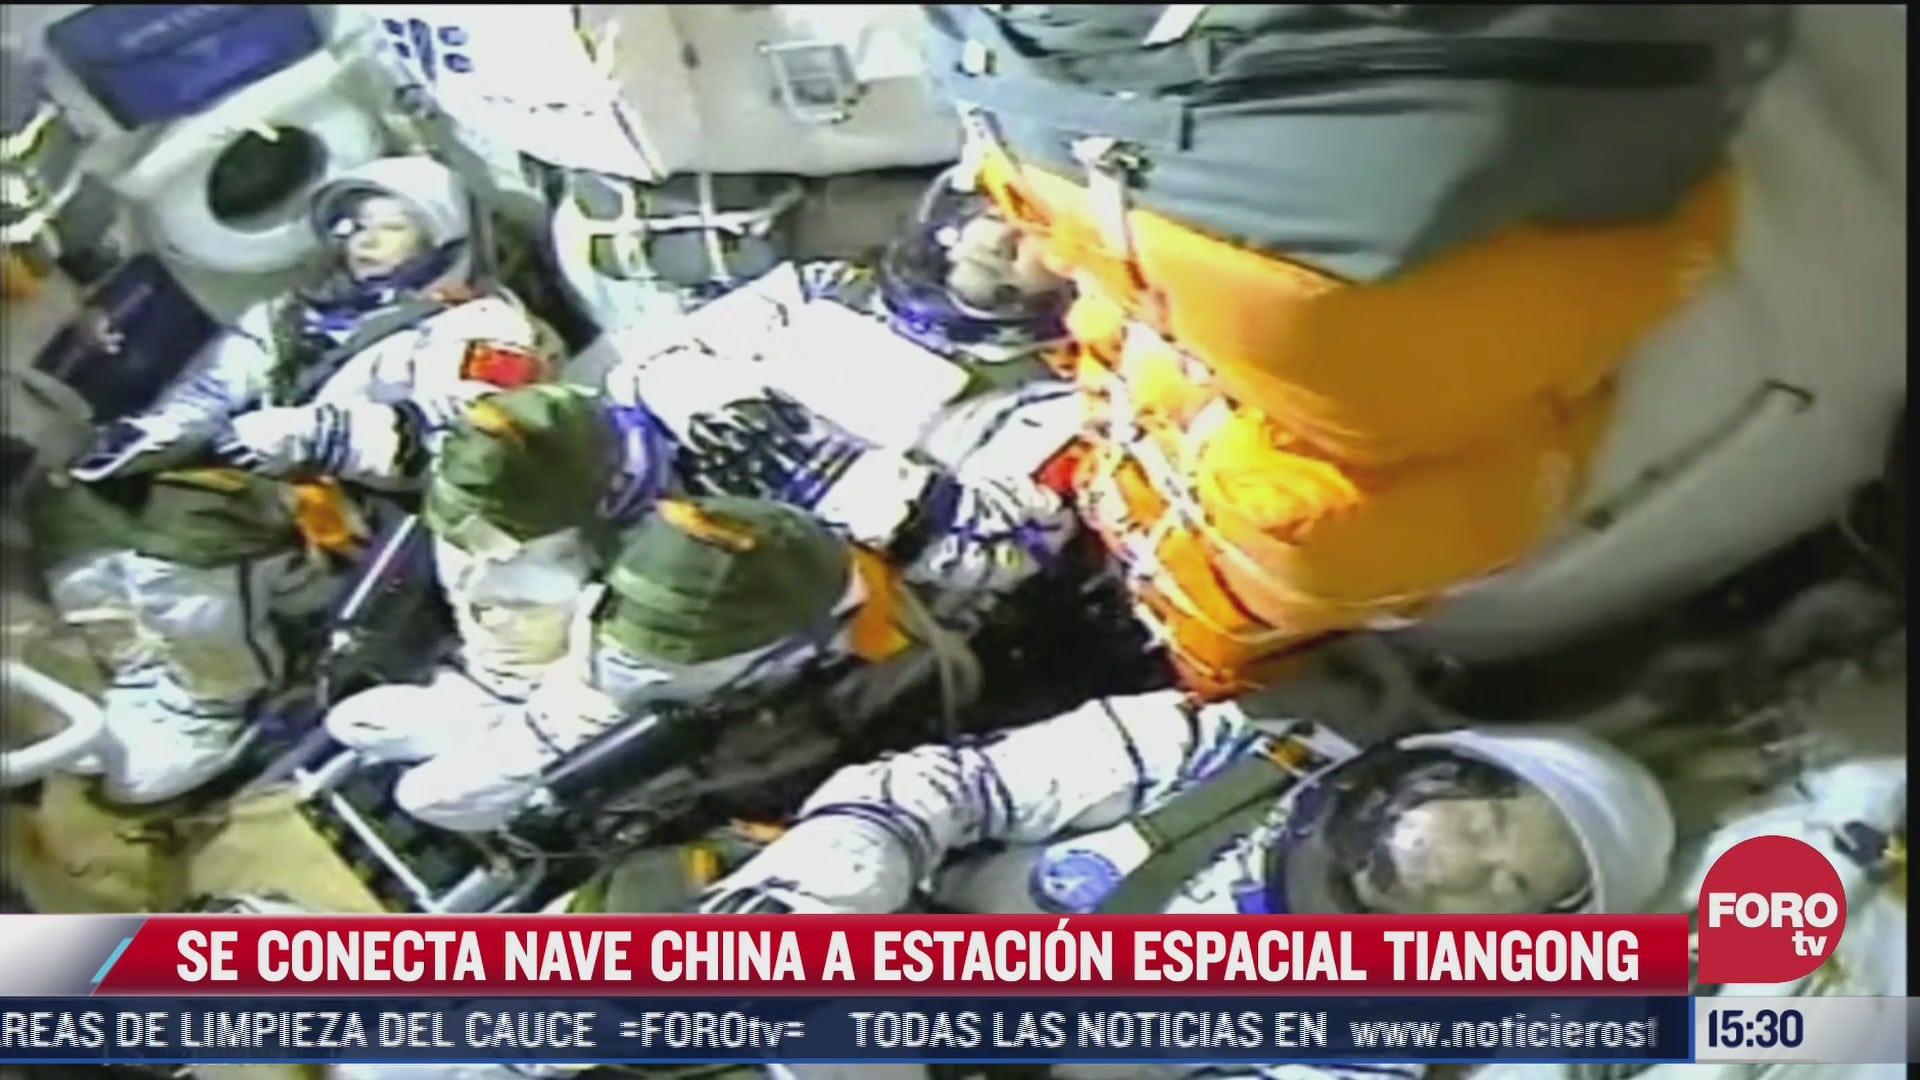 se conecta nave china a estacion espacial tiangong